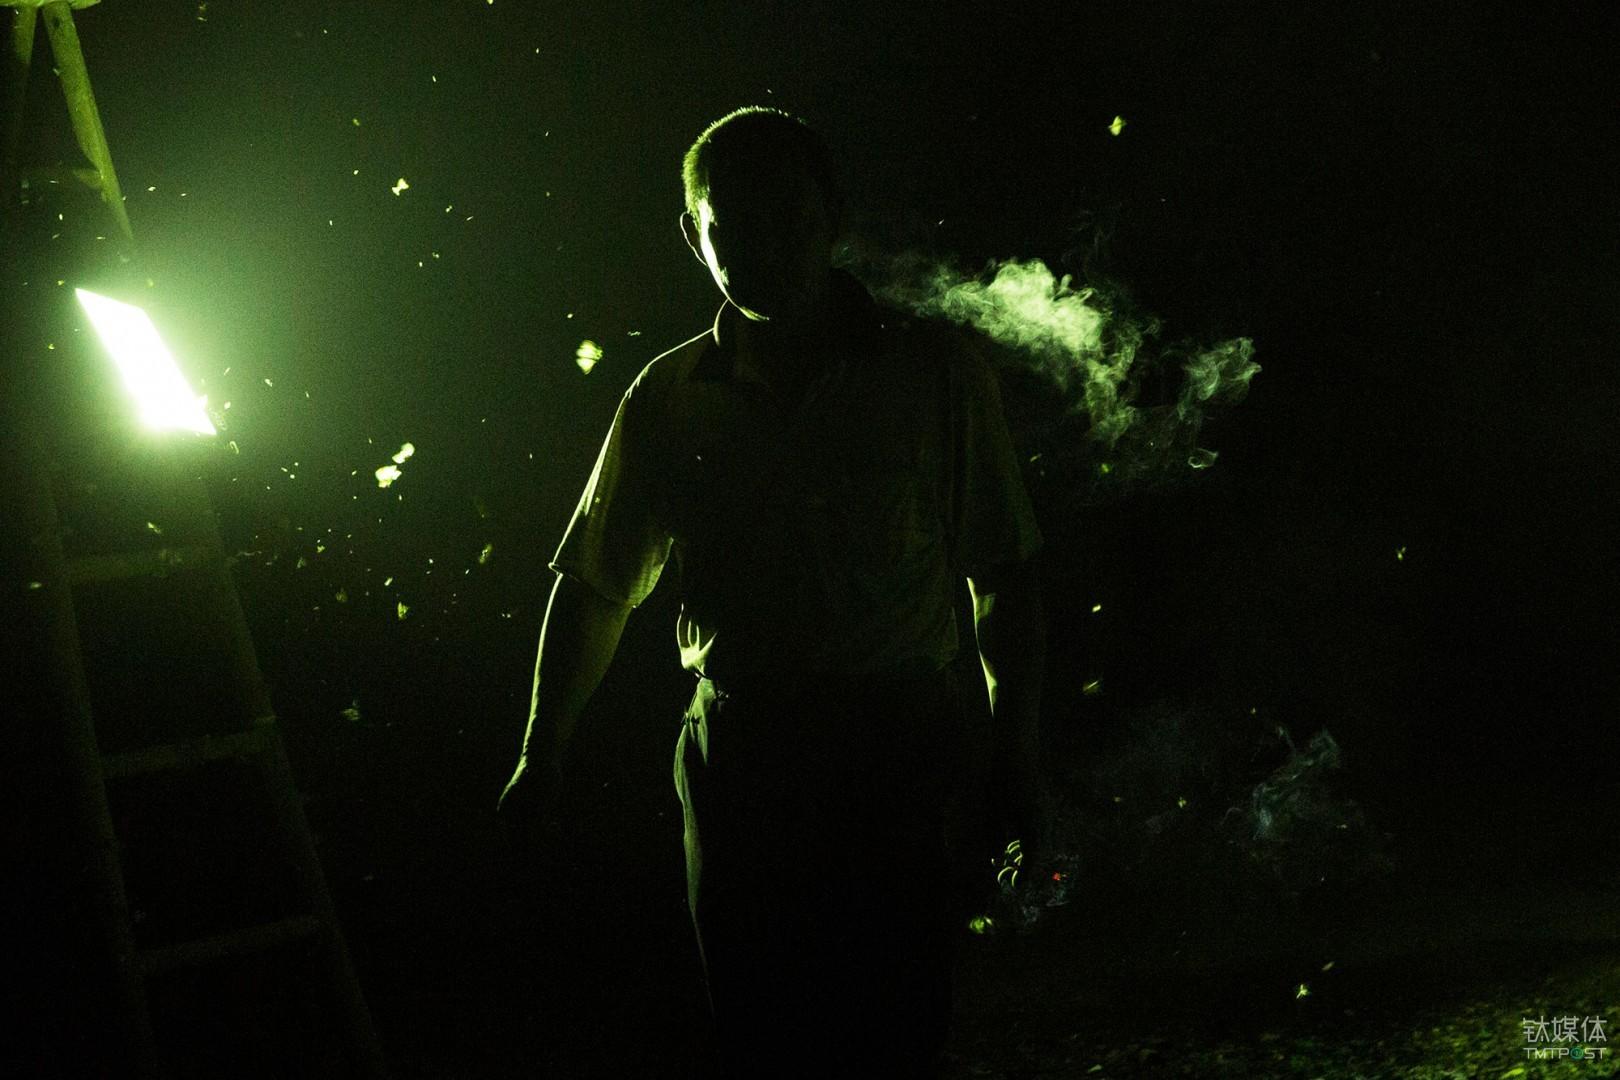 连夜赶工。湖南,工地苗木工人加班加点工作,灯光下聚集着大量飞蛾。